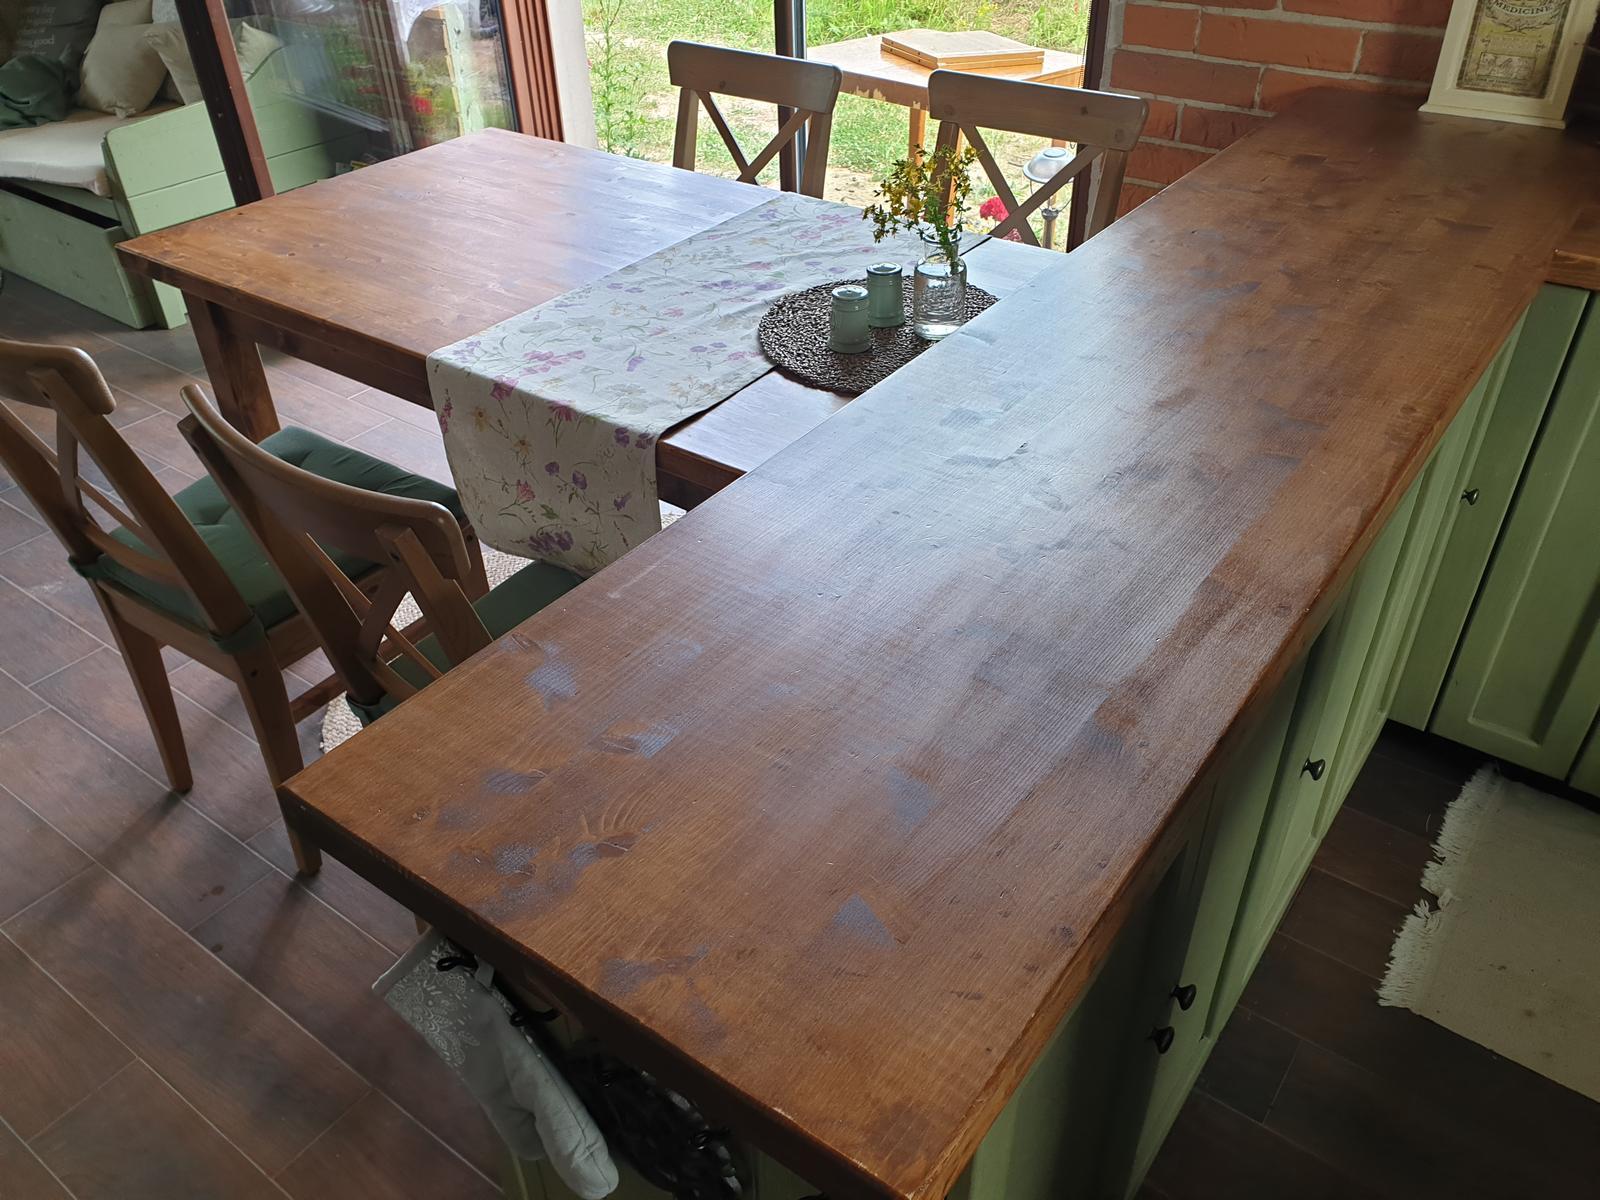 Kuchyňa svojpomocne - hotovy aj stol. stolova doska je rovnaka ako na linke a povrchova uprava stola tiez